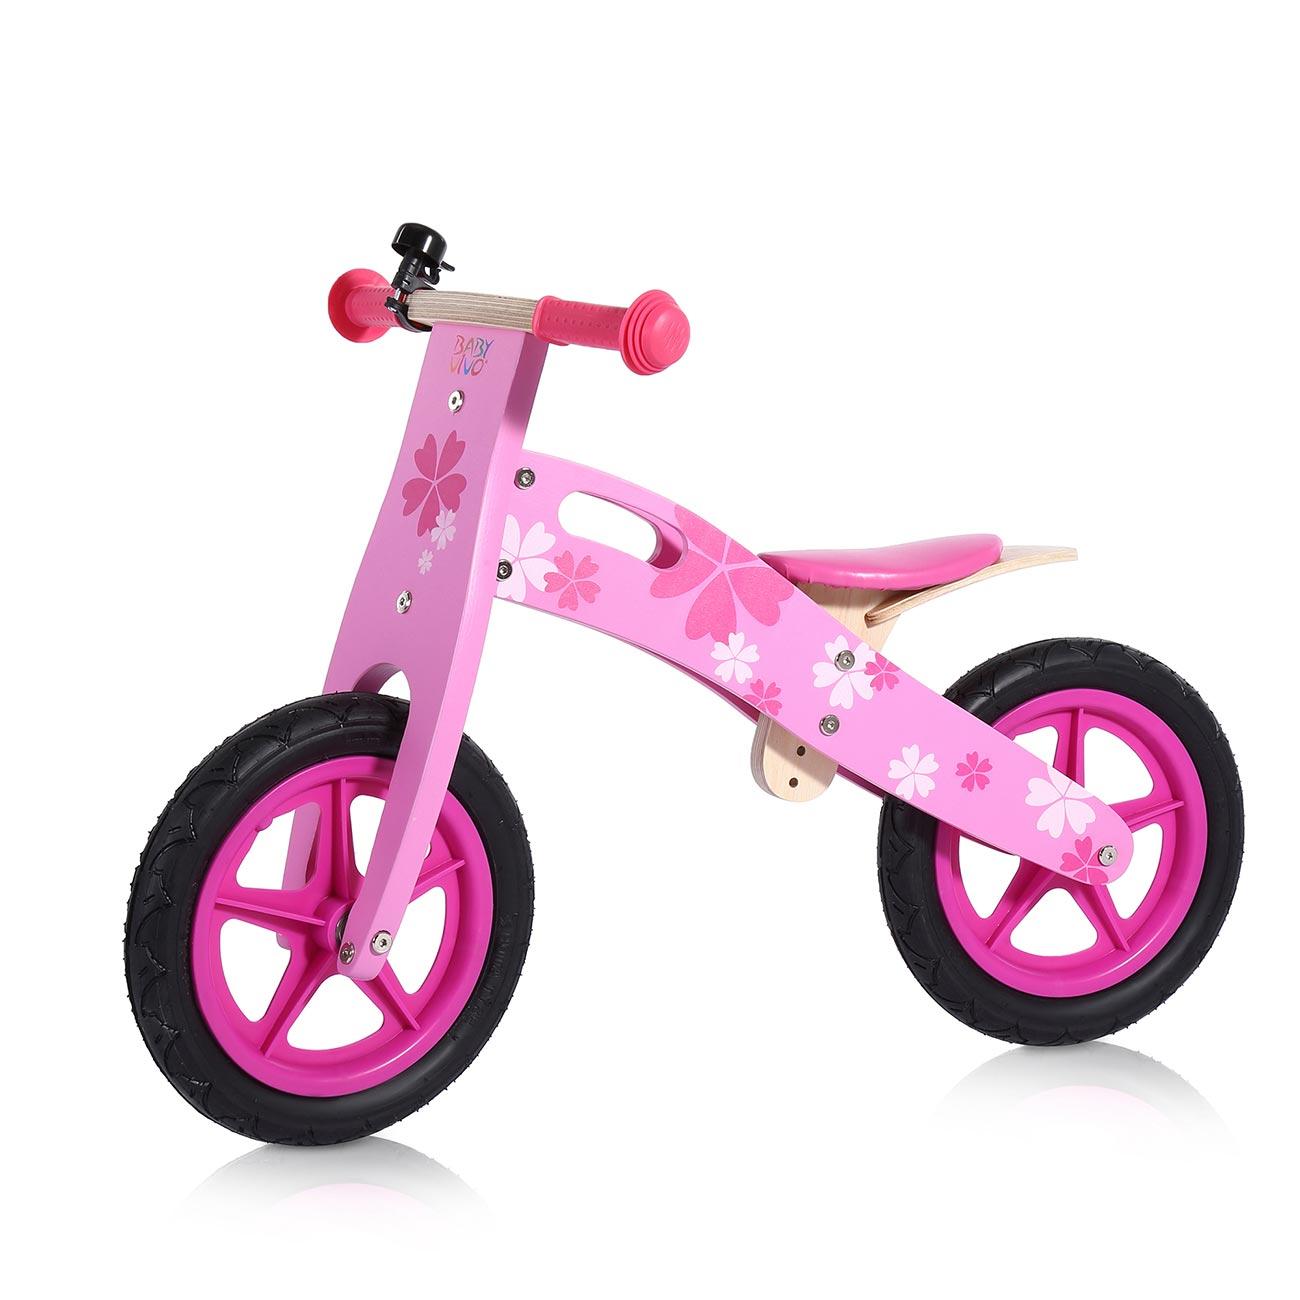 Baby Vivo Bicicletta Per Bambini 12 Pollici In Legno Con Campanello Pinky Ma Trading